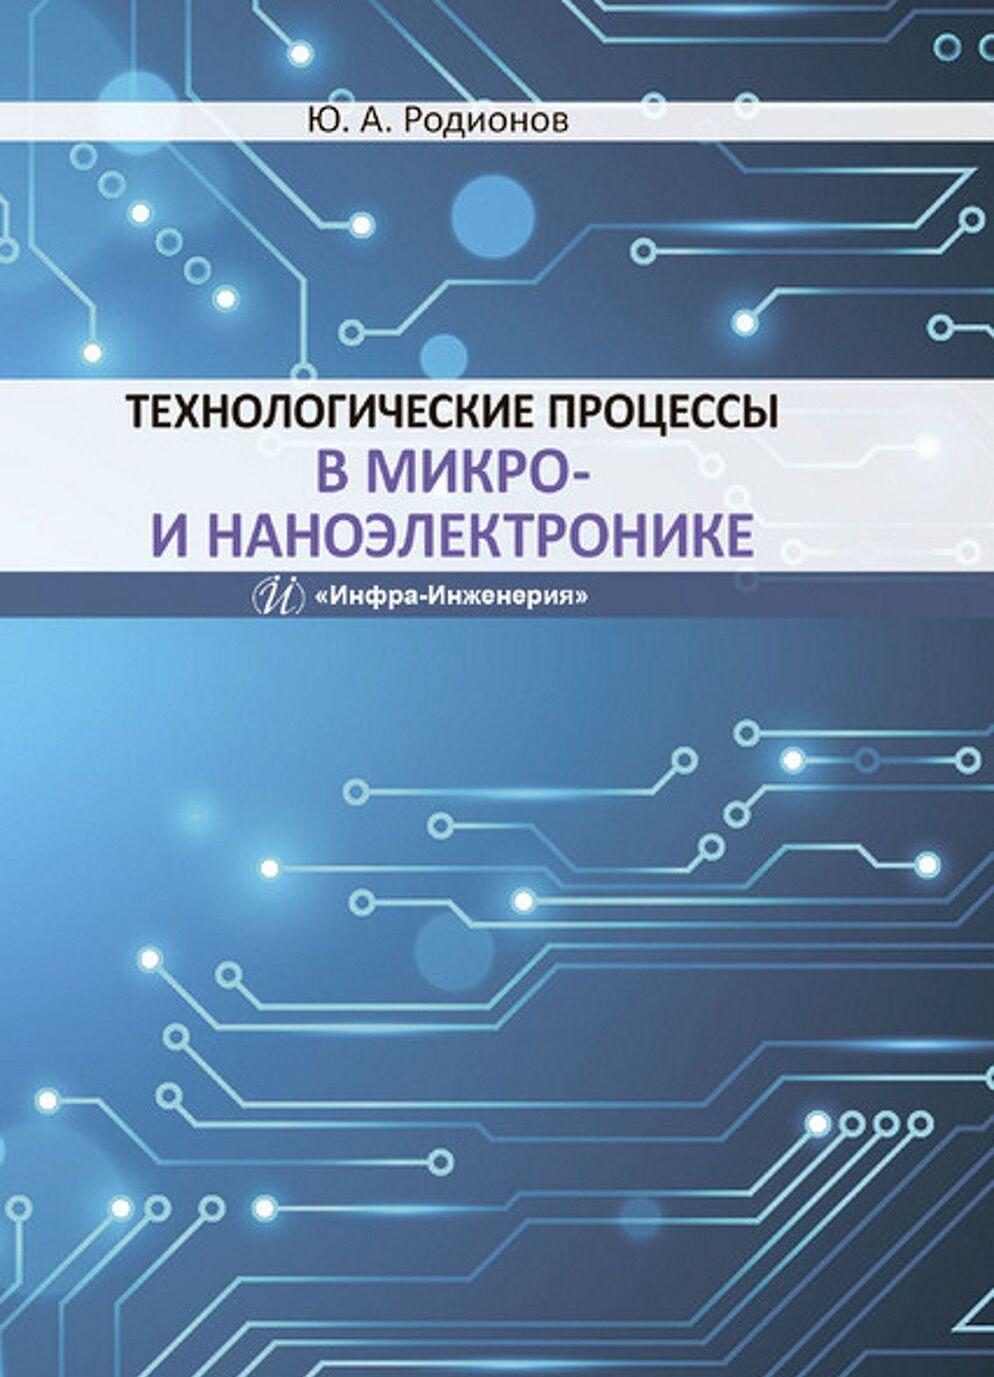 Tekhnologicheskie protsessy v mikro- i nanoelektronike. Uchebnoe posobie